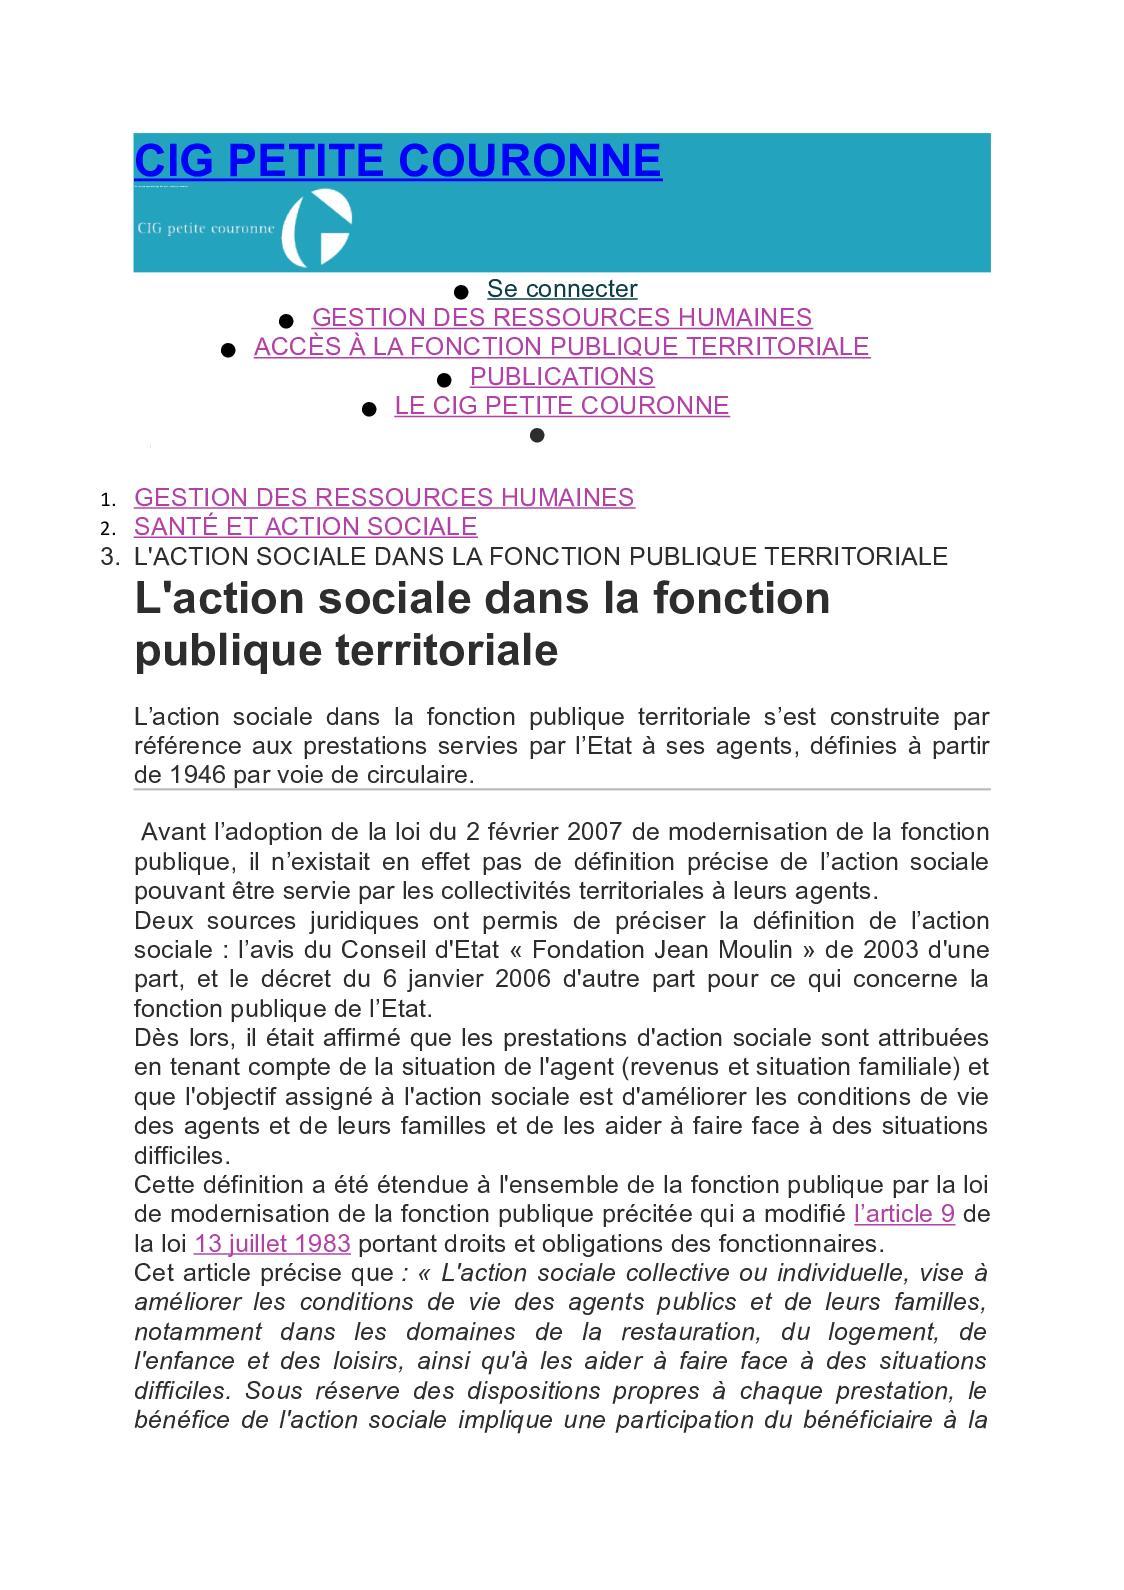 19f493f18b3 Calaméo - Cig Petite Couronne Action Sociale Fonction Publique Territoriale